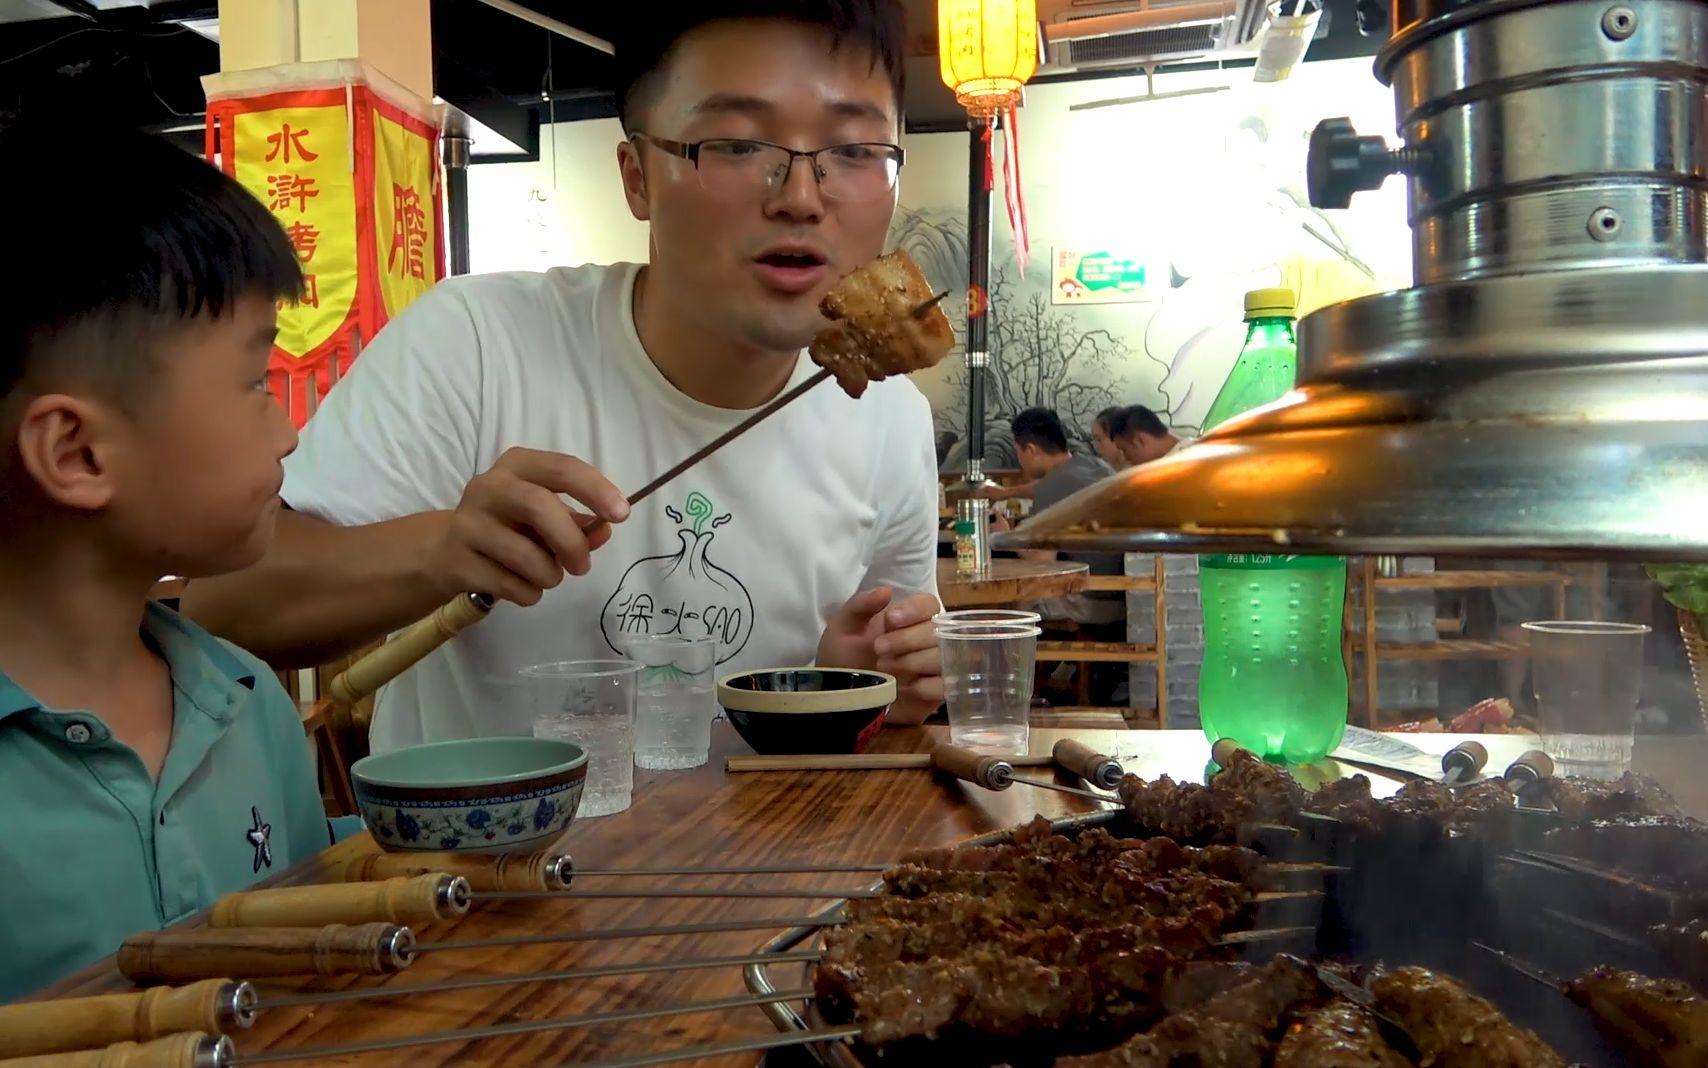 大sao吃碳火烤肉,345元點一桌肉,一家人圍著碳爐吃串,真過癮